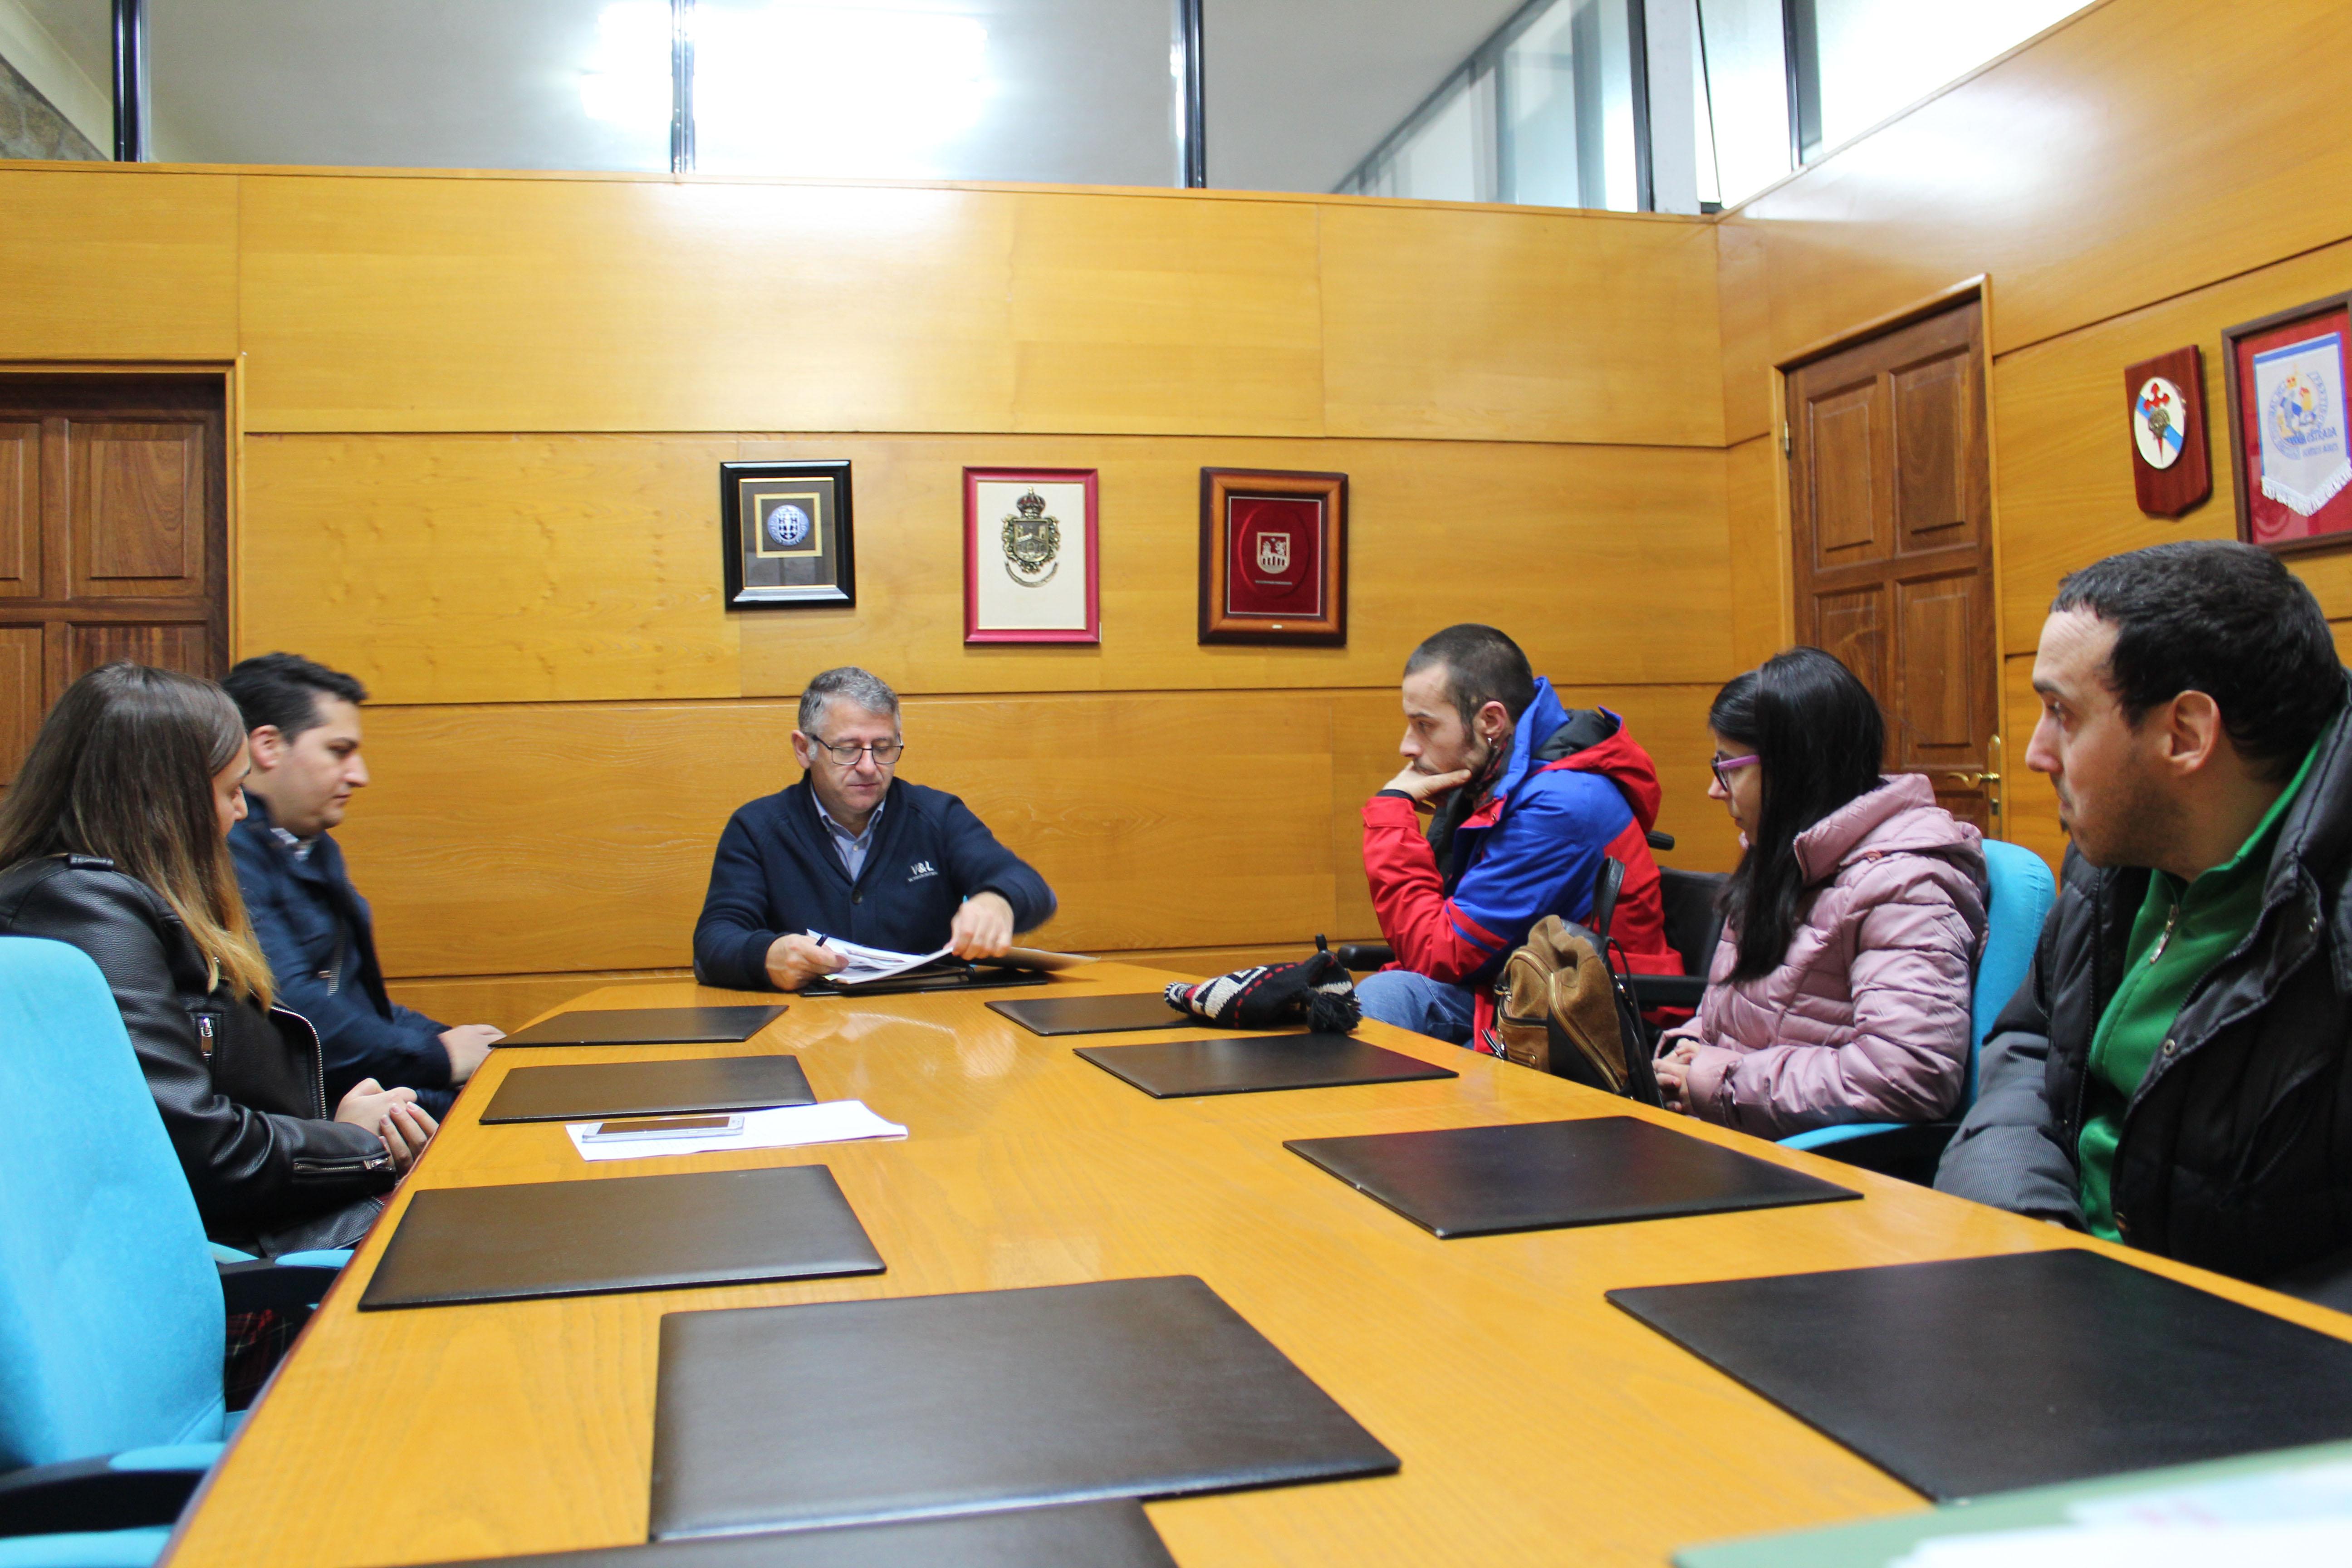 Cogami e Working Wheels presentan no Concello de Silleda unha proposta para mellorar a accesibilidade nas vilas de Silleda e da Bandeira